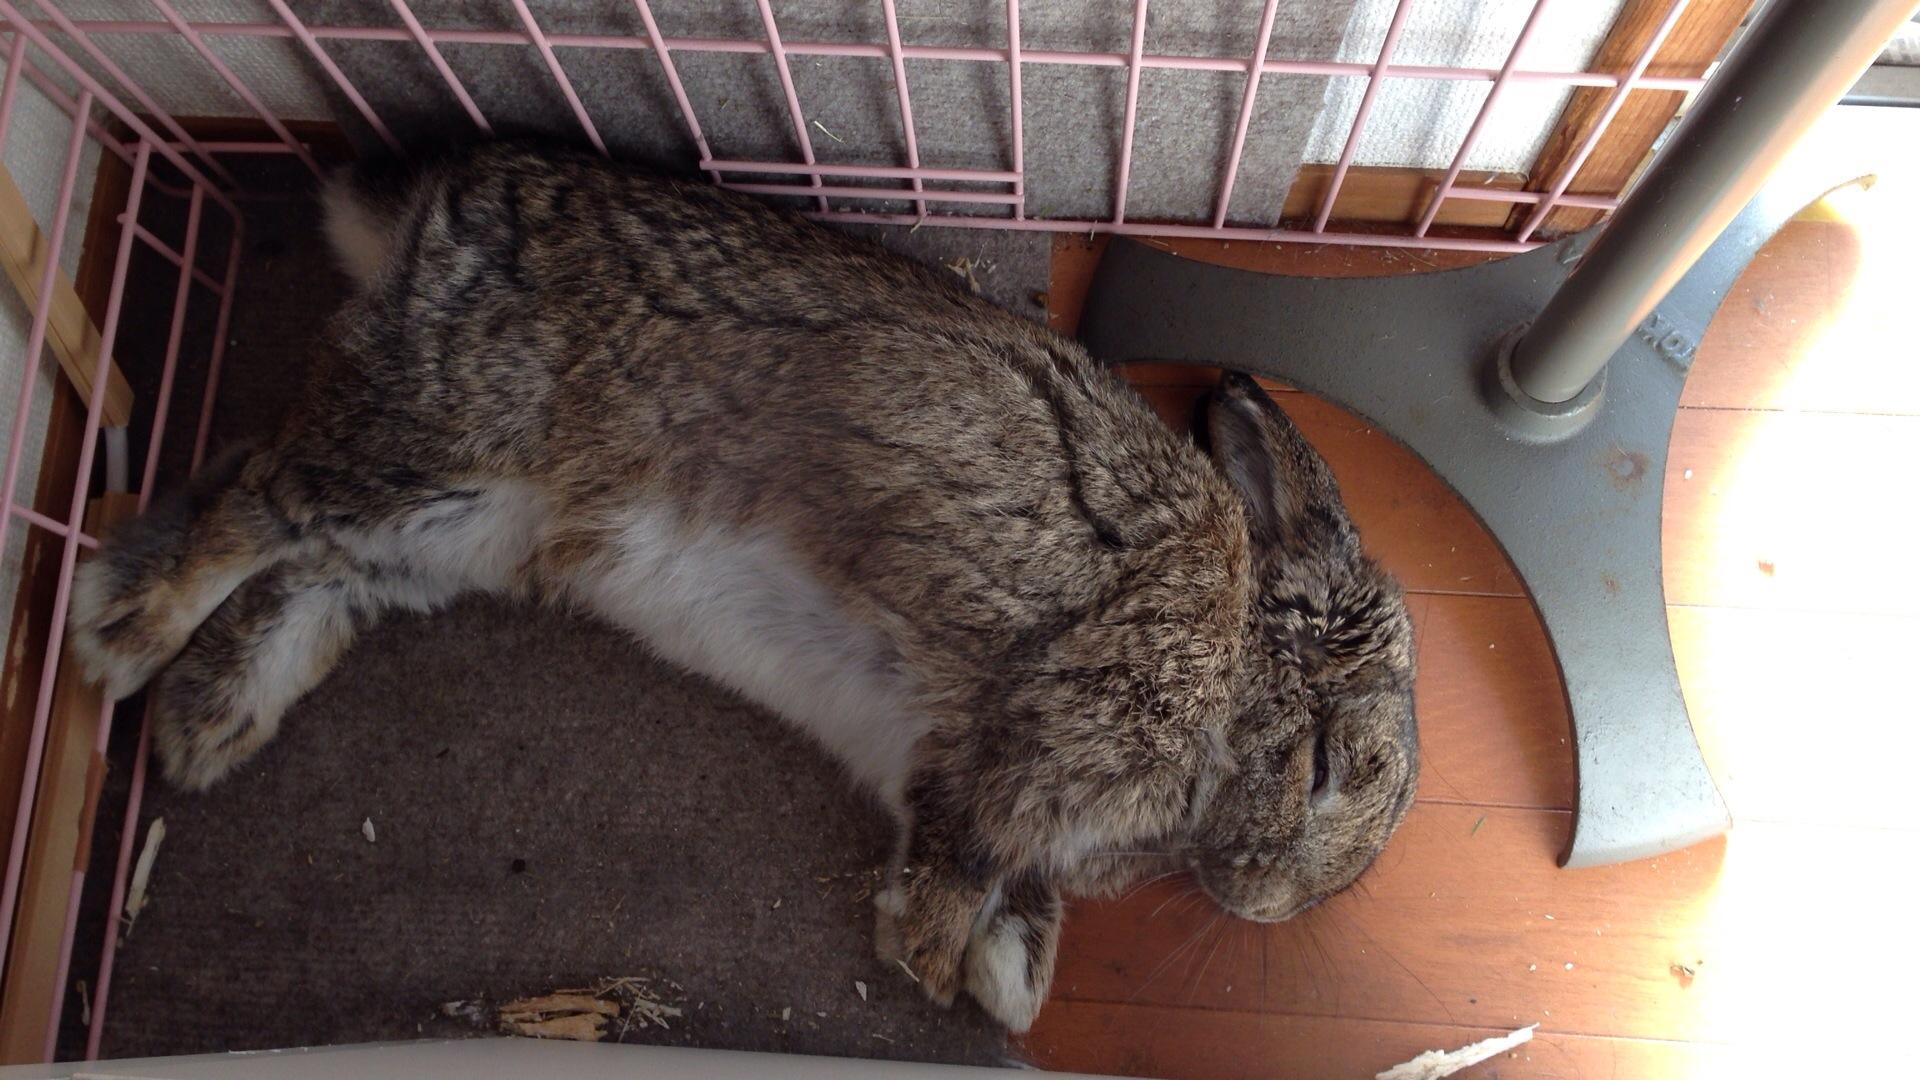 【ズボラ女子とわがままウサギ vol.4】食欲不振は緊急事態! ウサギの不調の見分け方